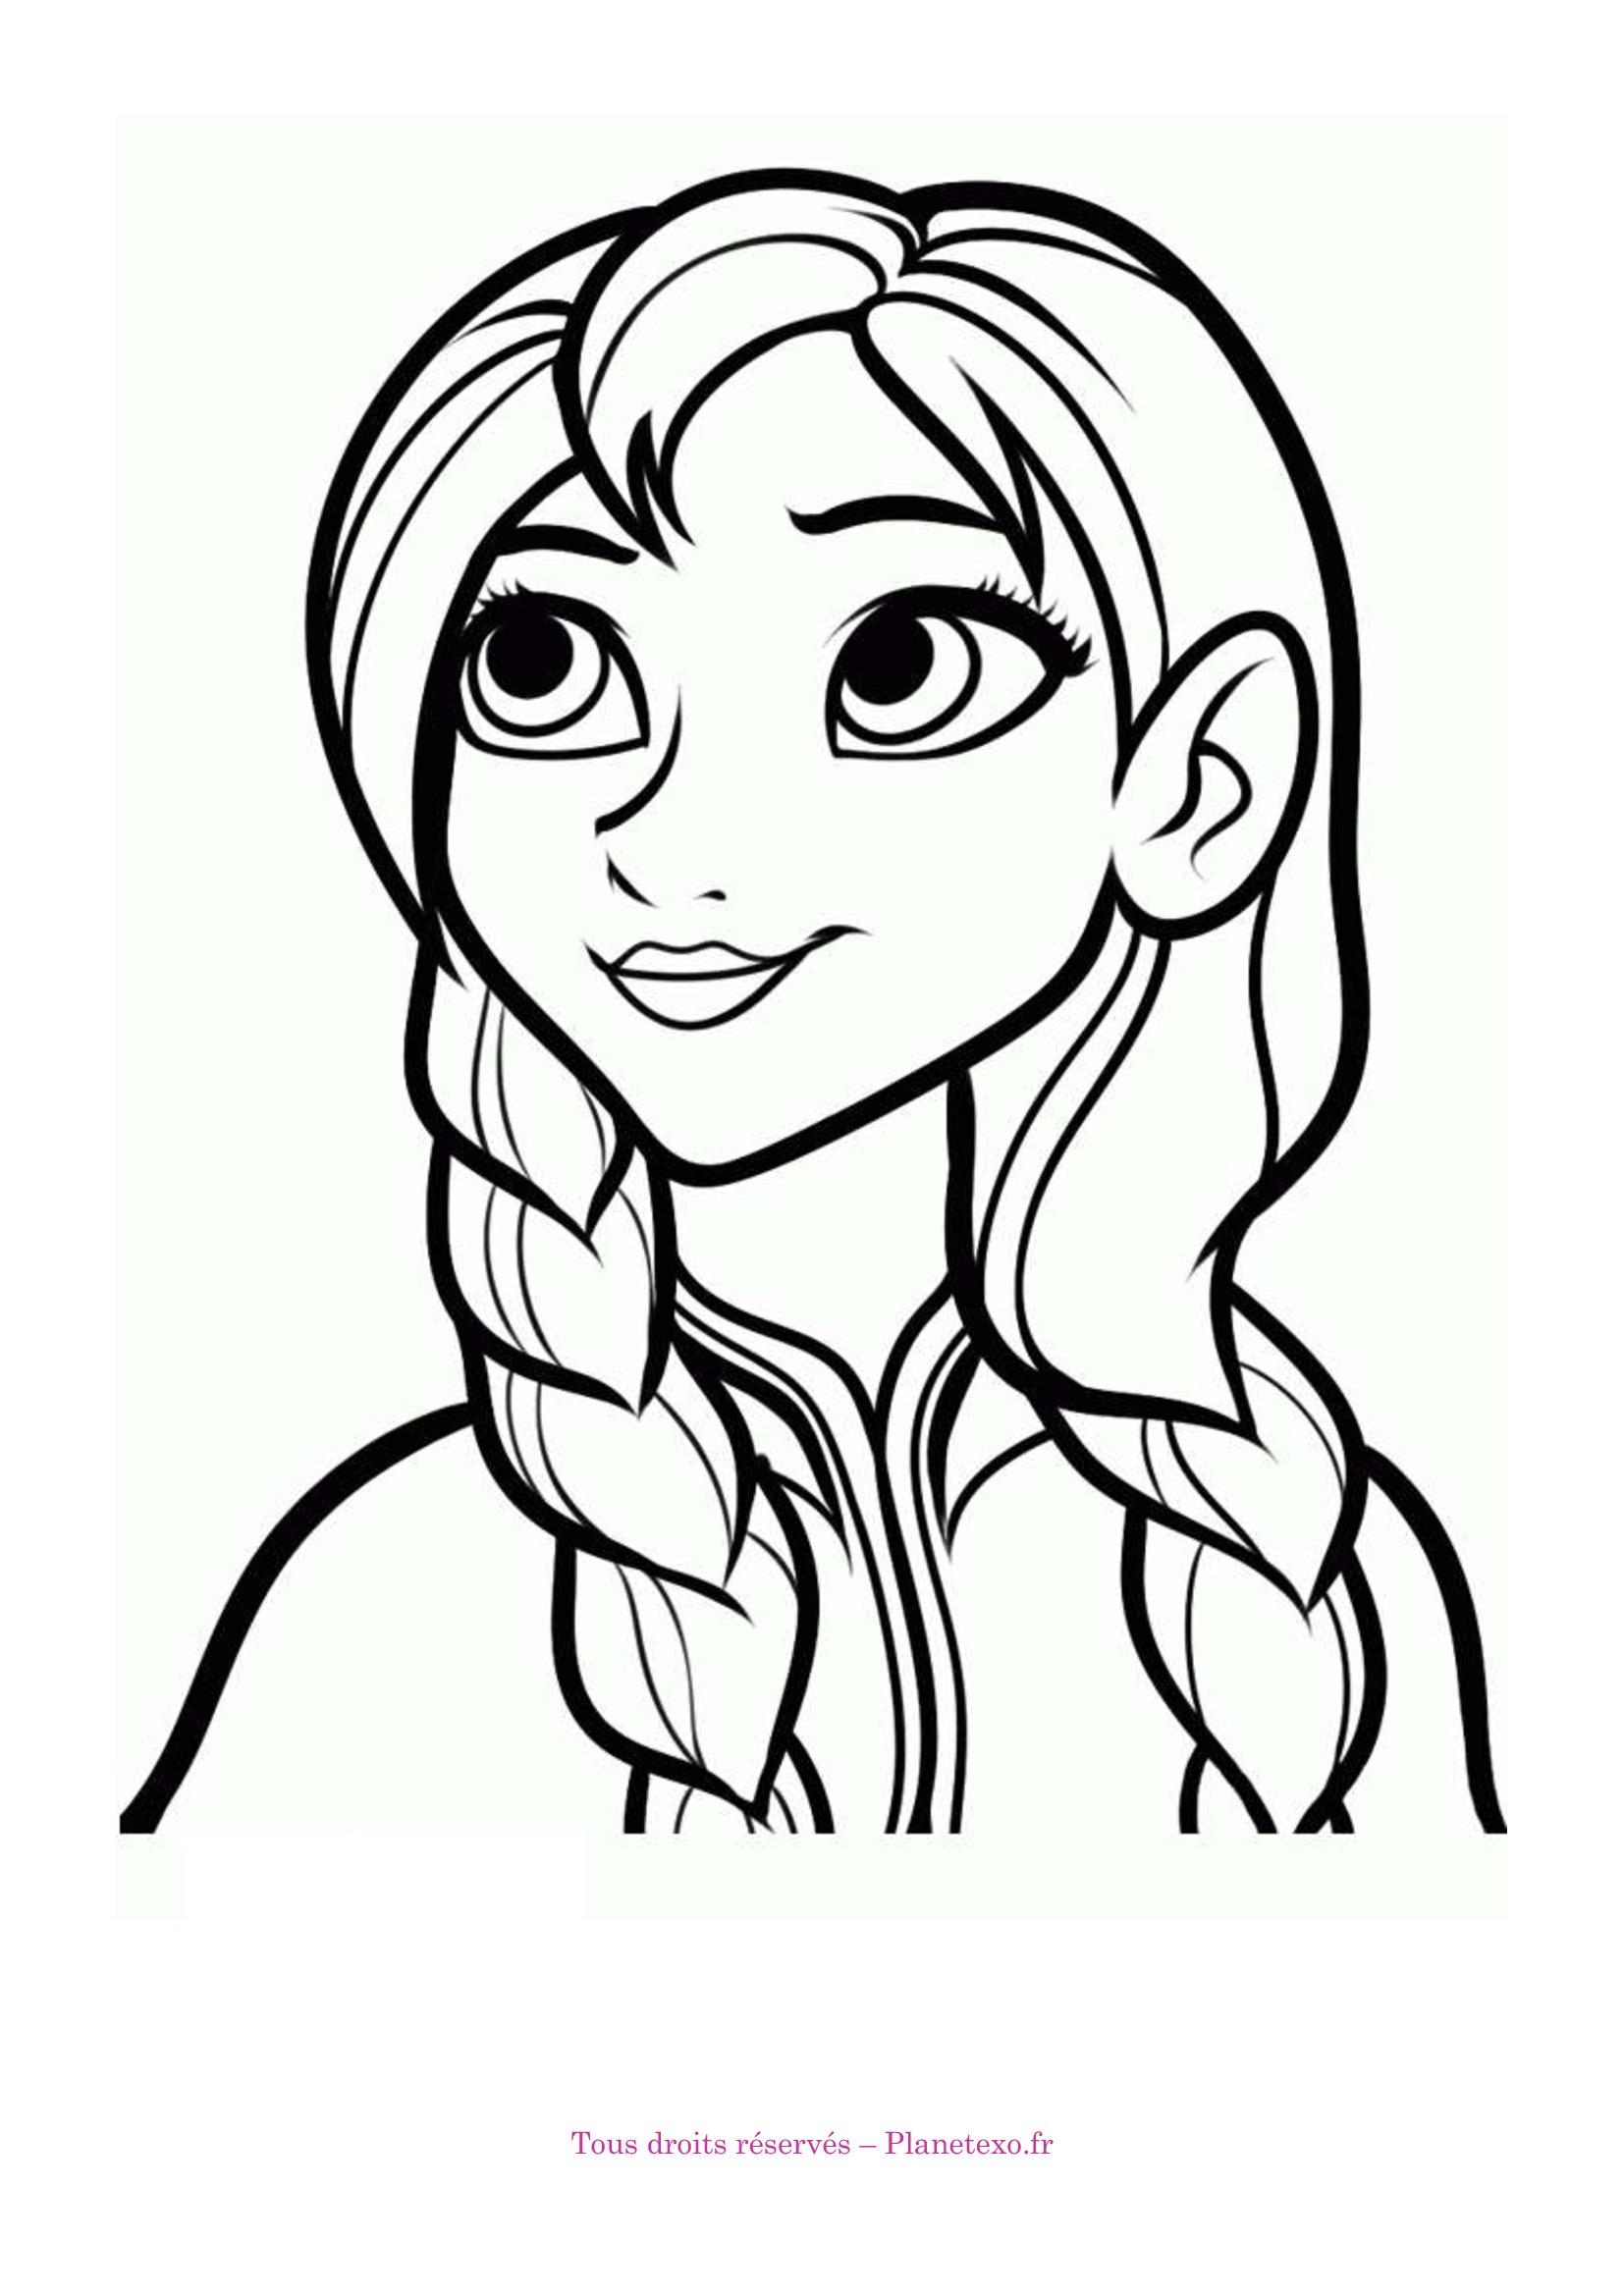 Jeux de coloriage la reine des neiges en ligne - Tout les jeux de la reine des neiges gratuit ...